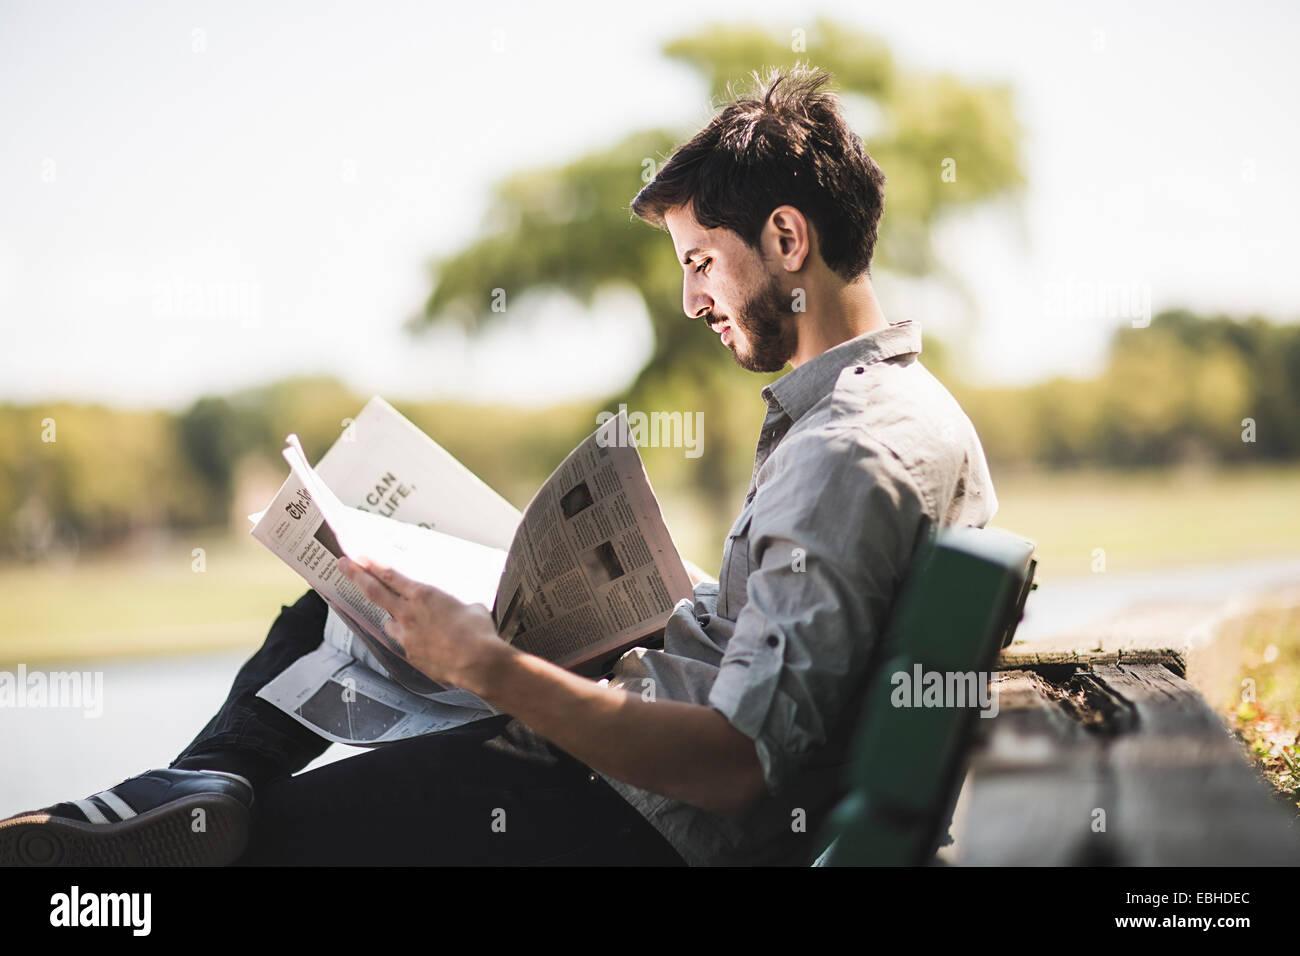 Giovane uomo che legge il giornale su una panchina nel parco Immagini Stock